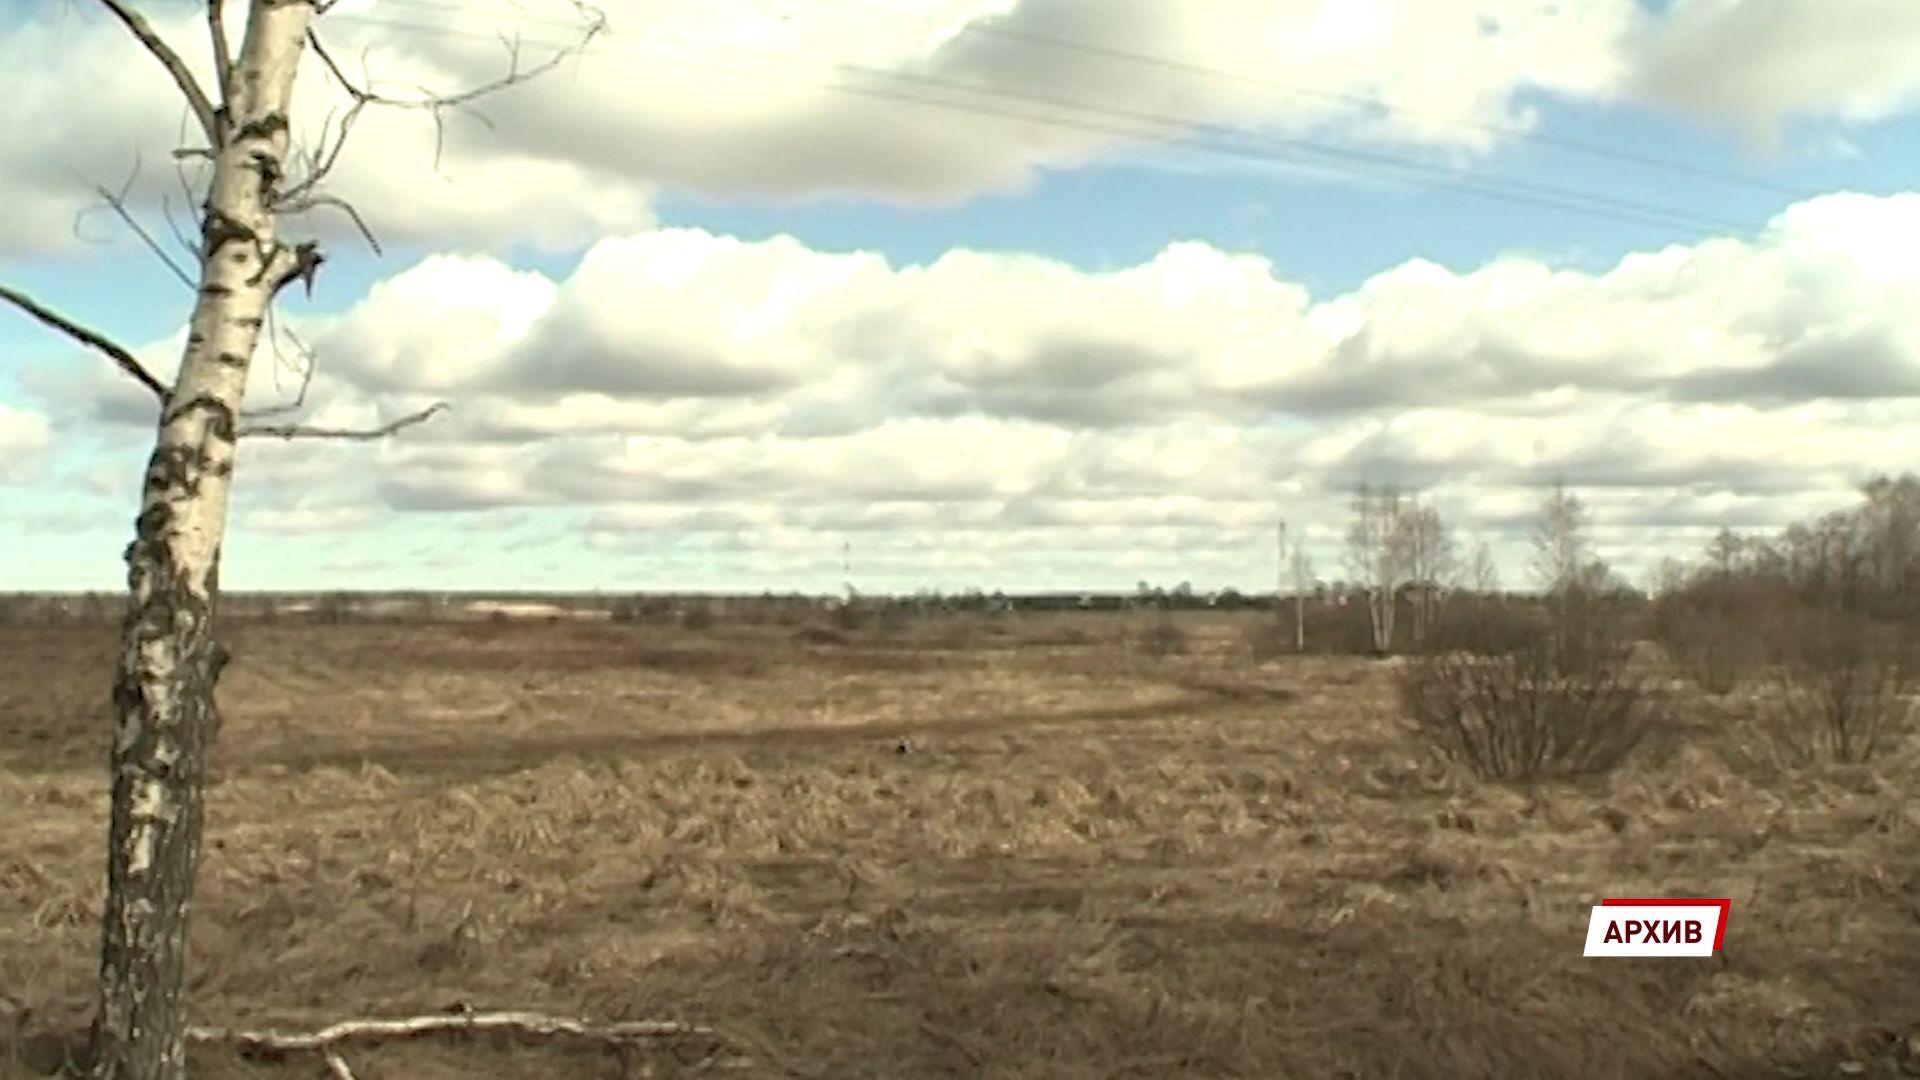 Ярославским аграриям в 2020 году удалось на 14% перевыполнить прогнозный план